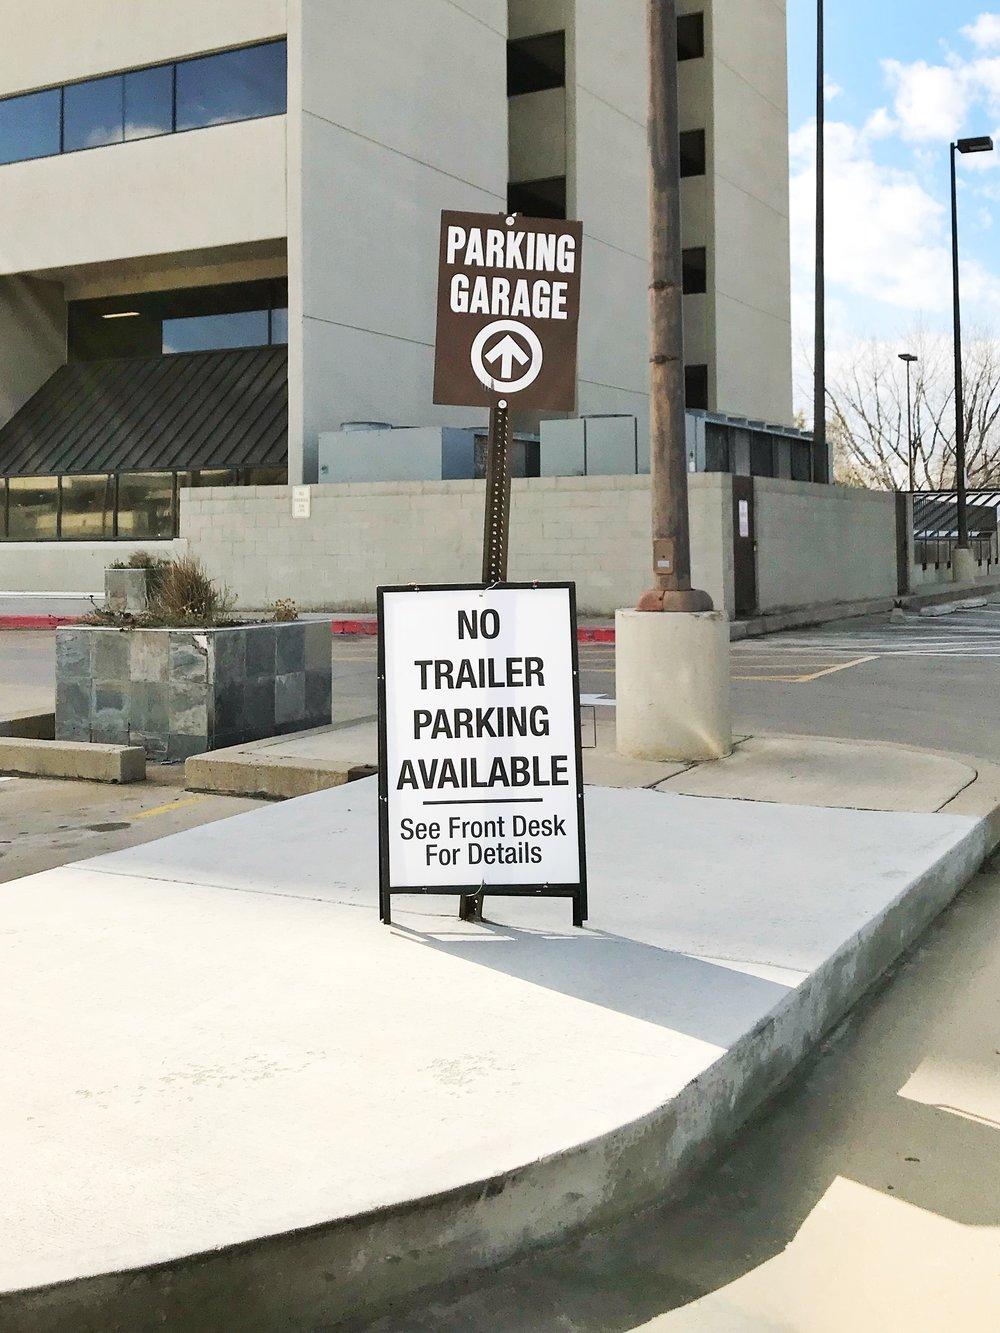 parking garage sign.jpg